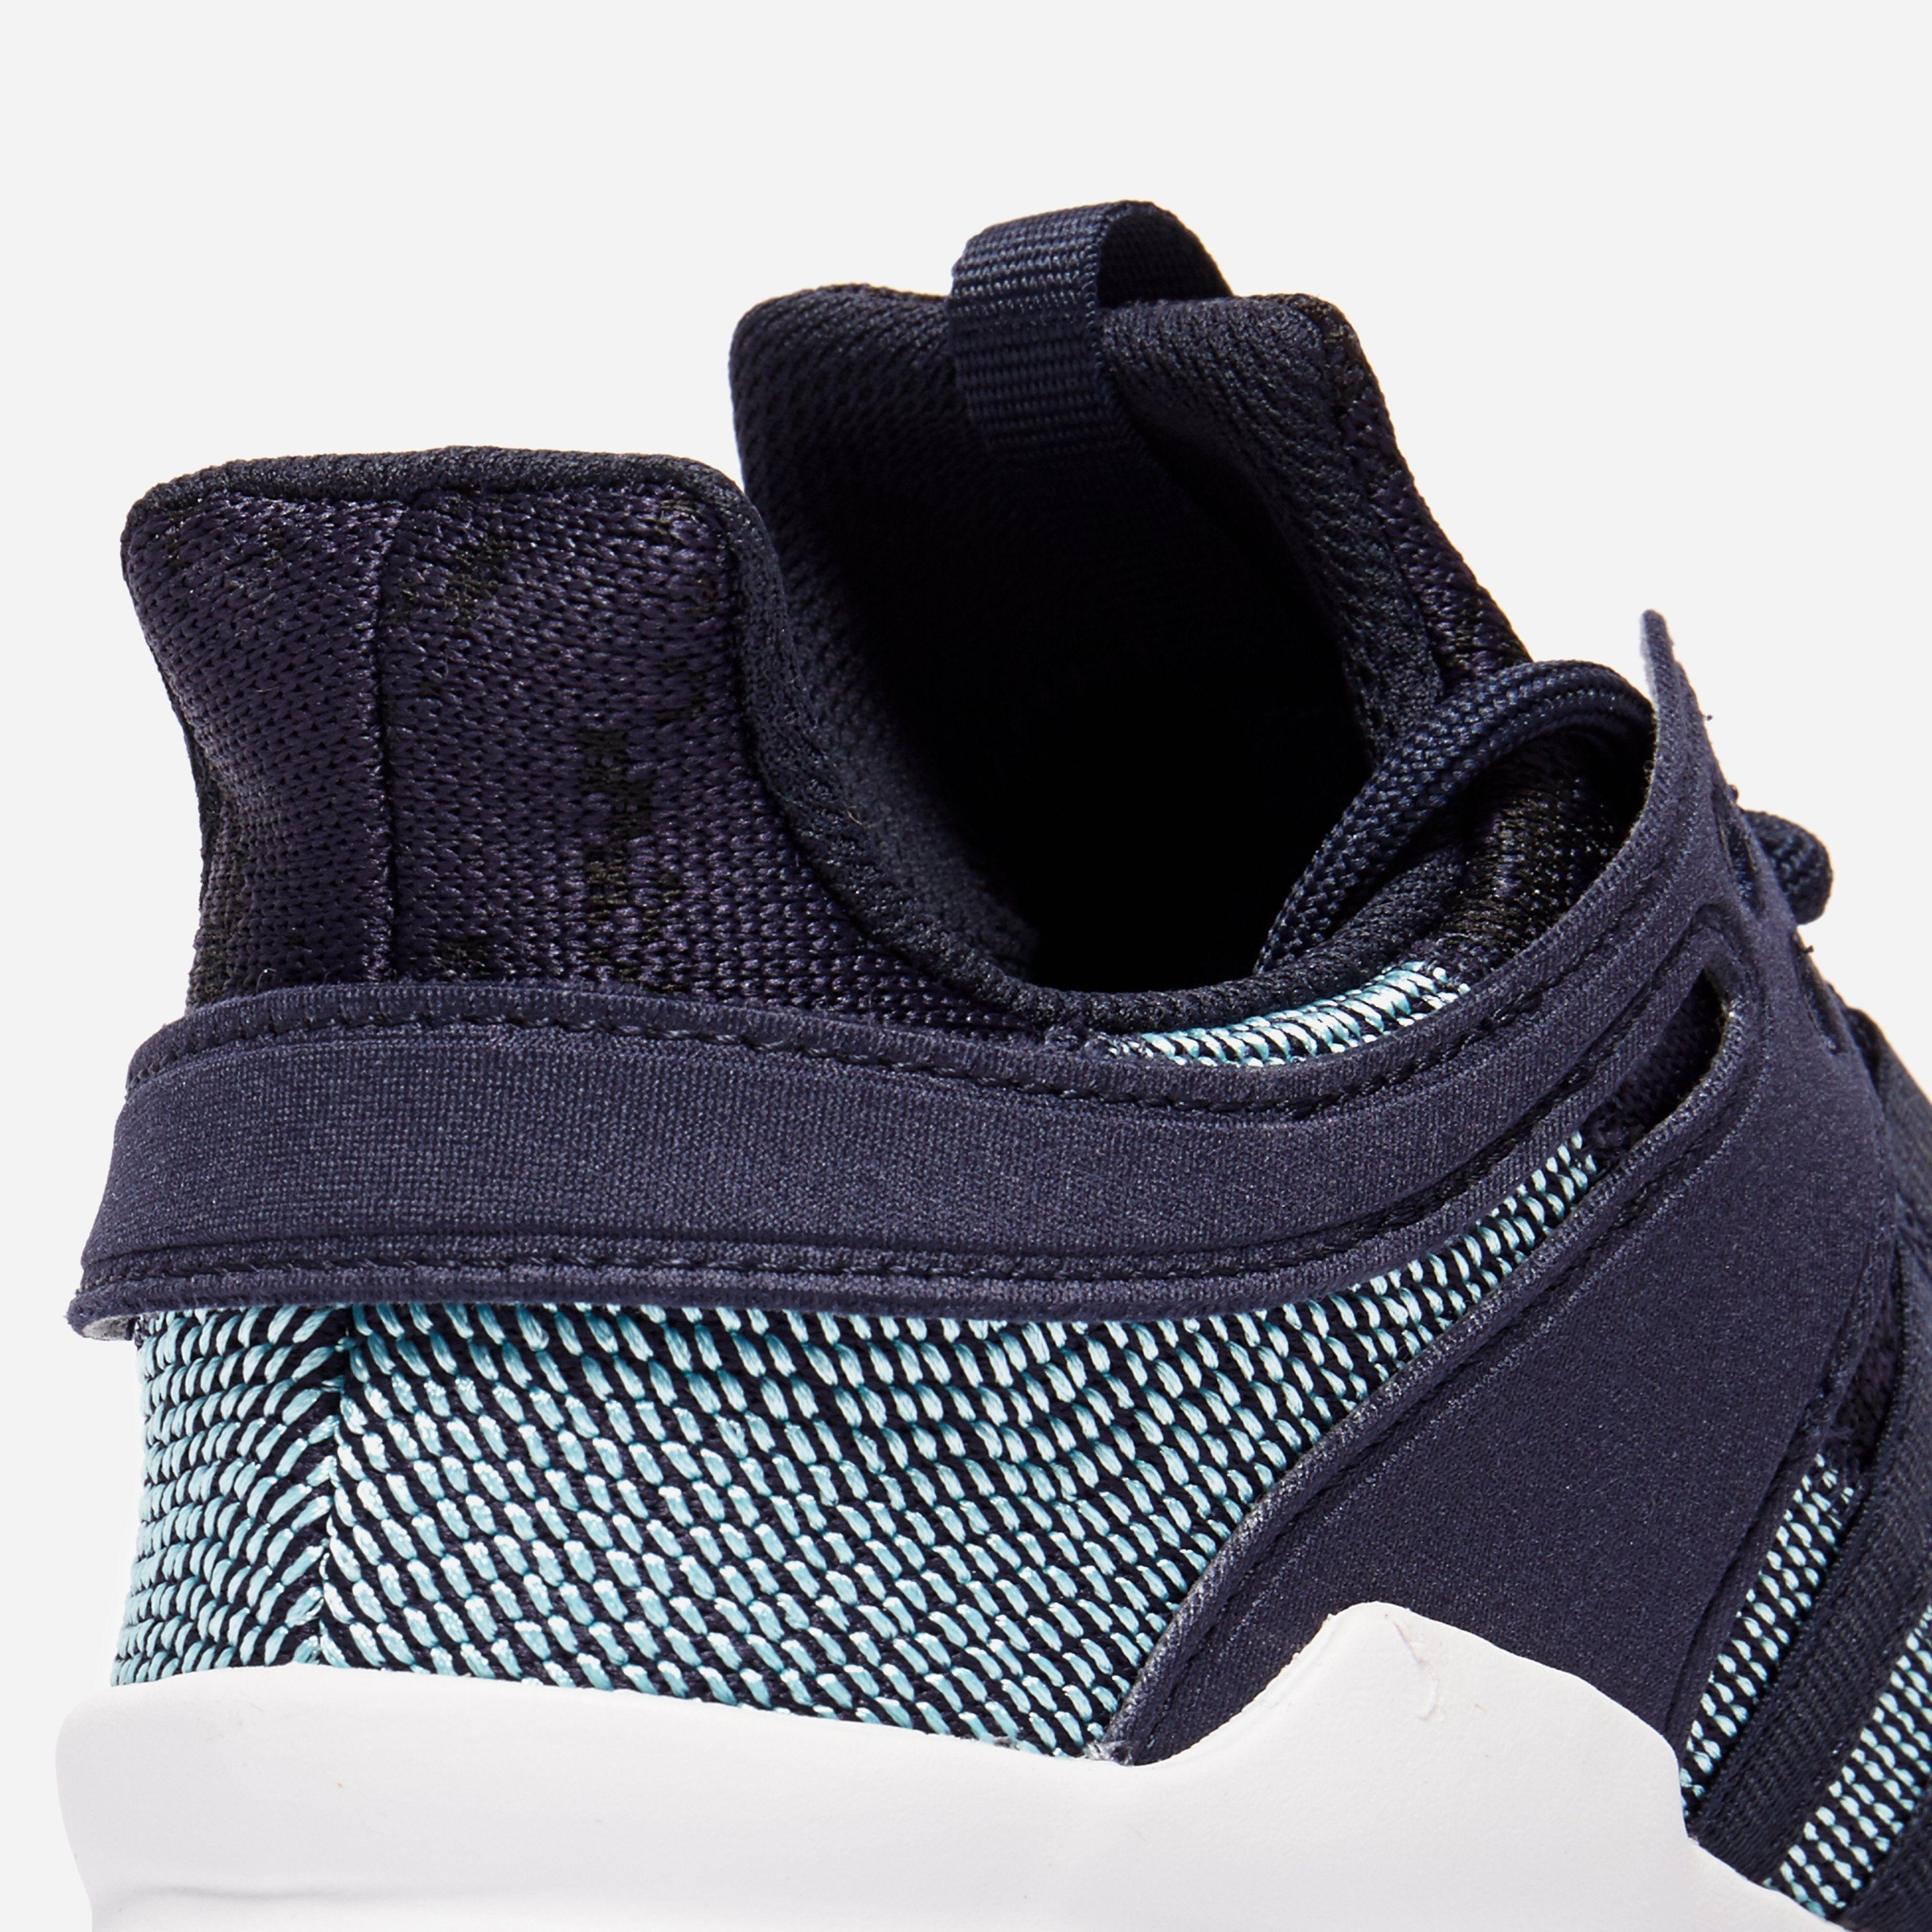 adidas Originals X Parley EQT Support ADV CK Parley Legend